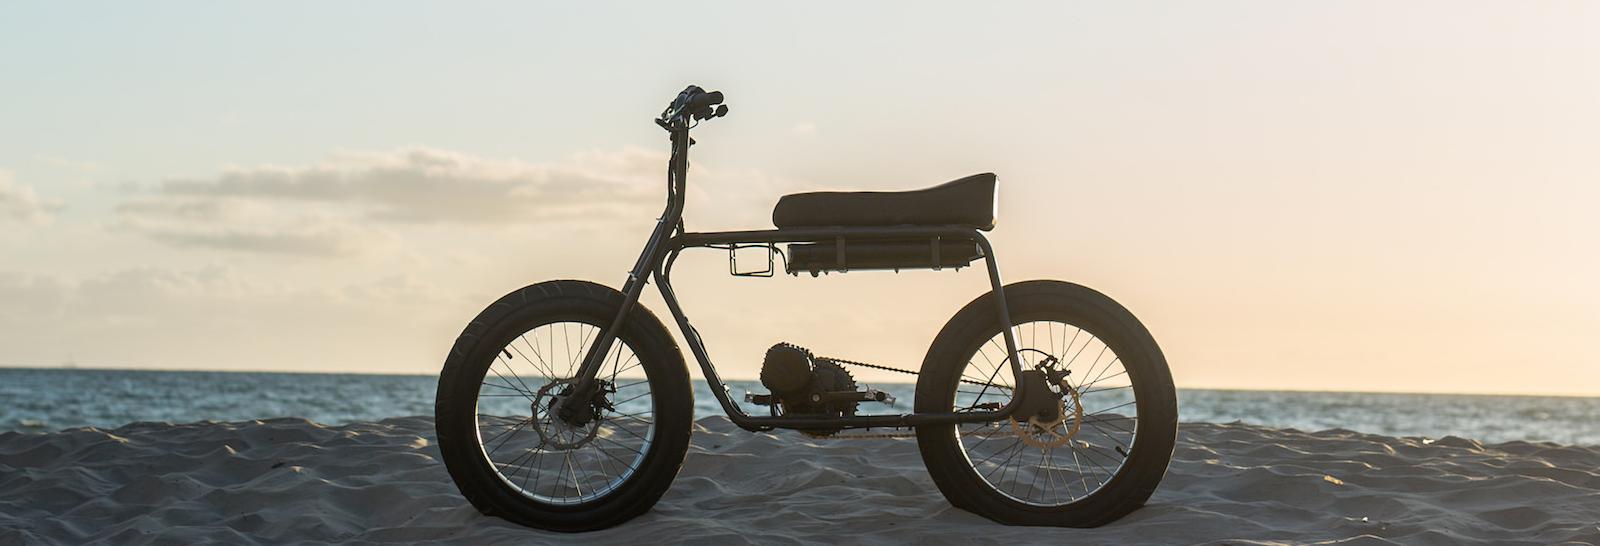 The Super 73 Makes Mini Electric Bikes    Sexy? - Core77